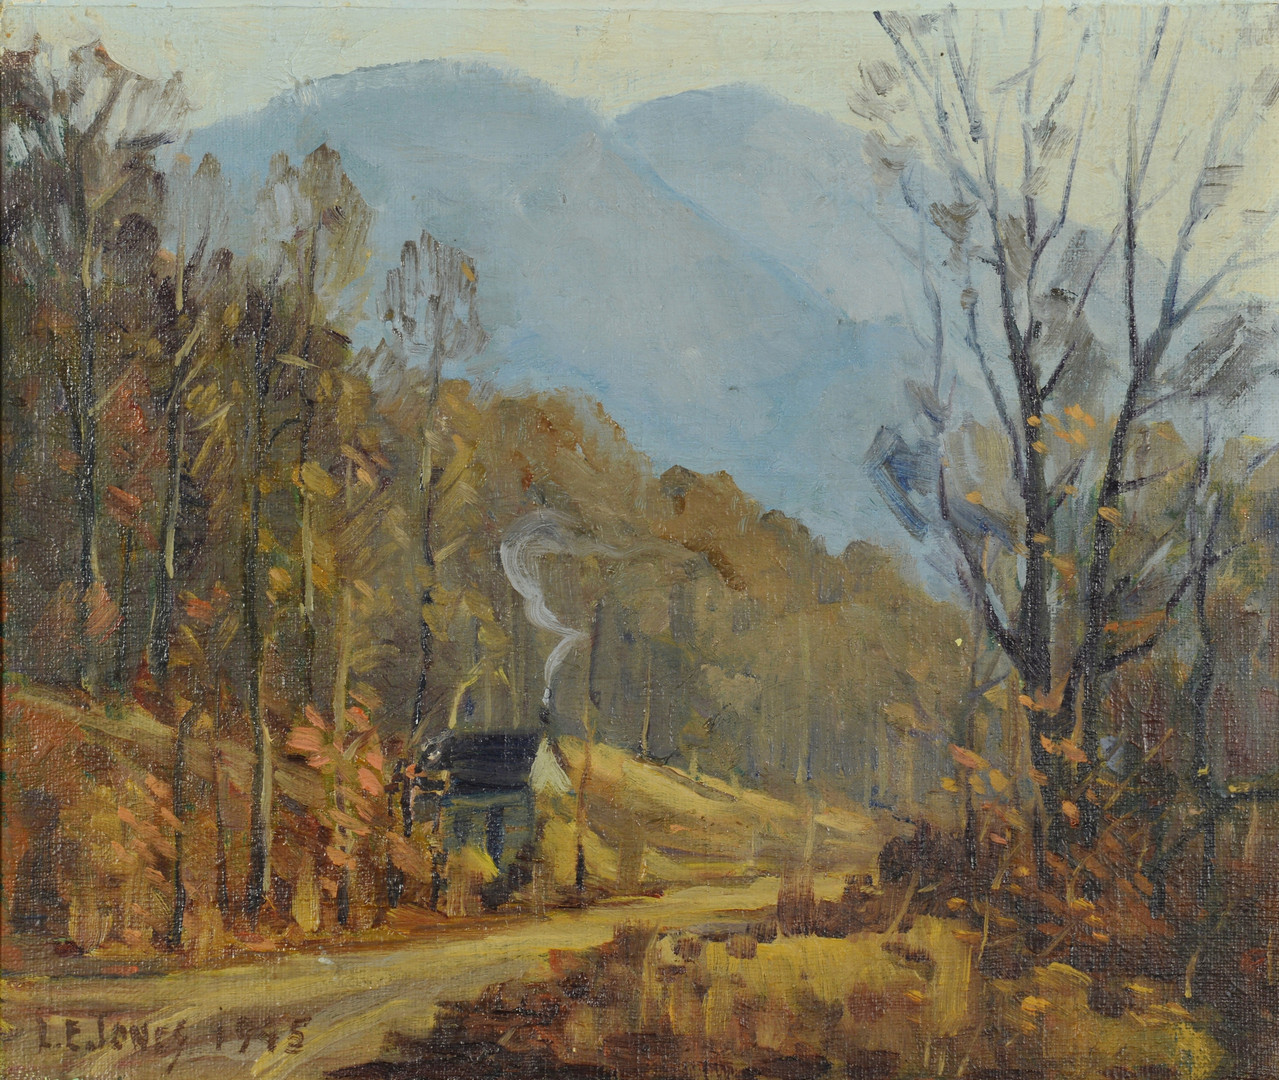 Lot 52: TN Landscape by Louis Jones